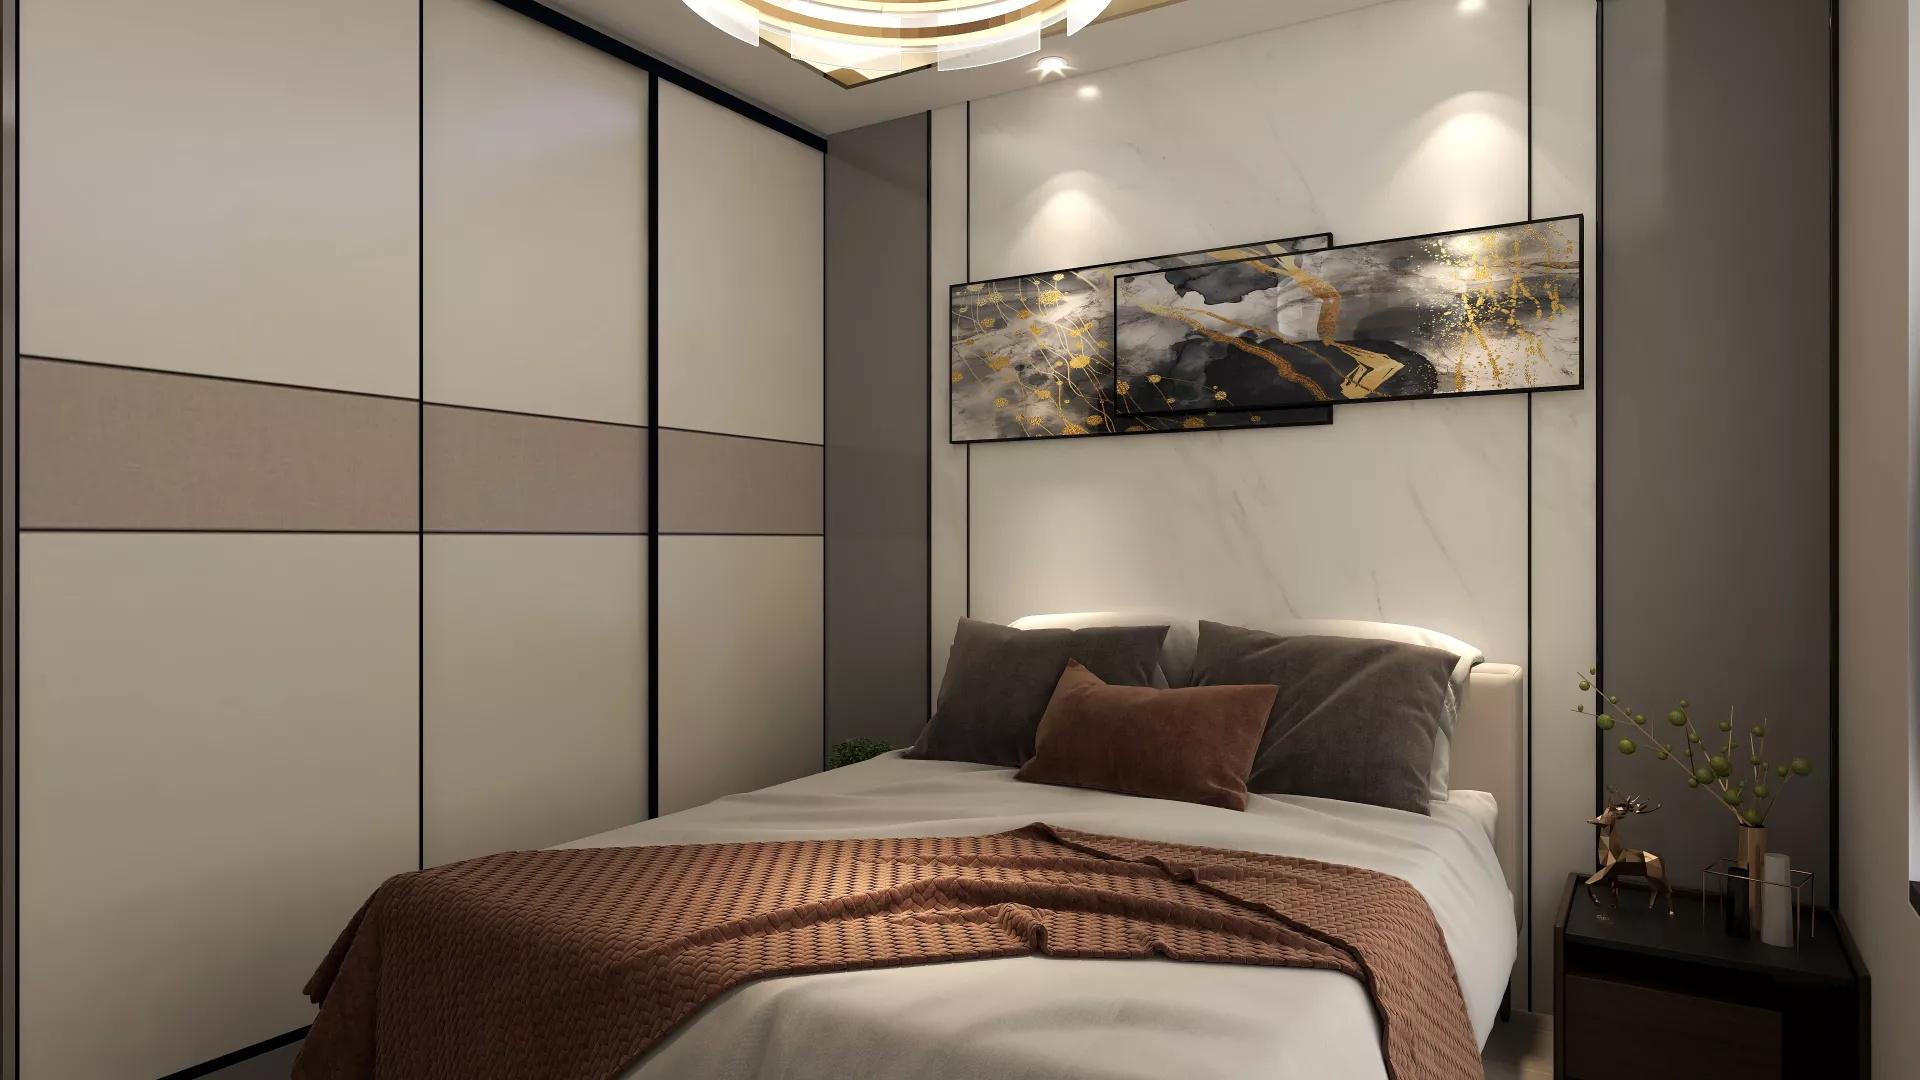 美式风格家居装修设计要点 美式风格家居装修注意事项